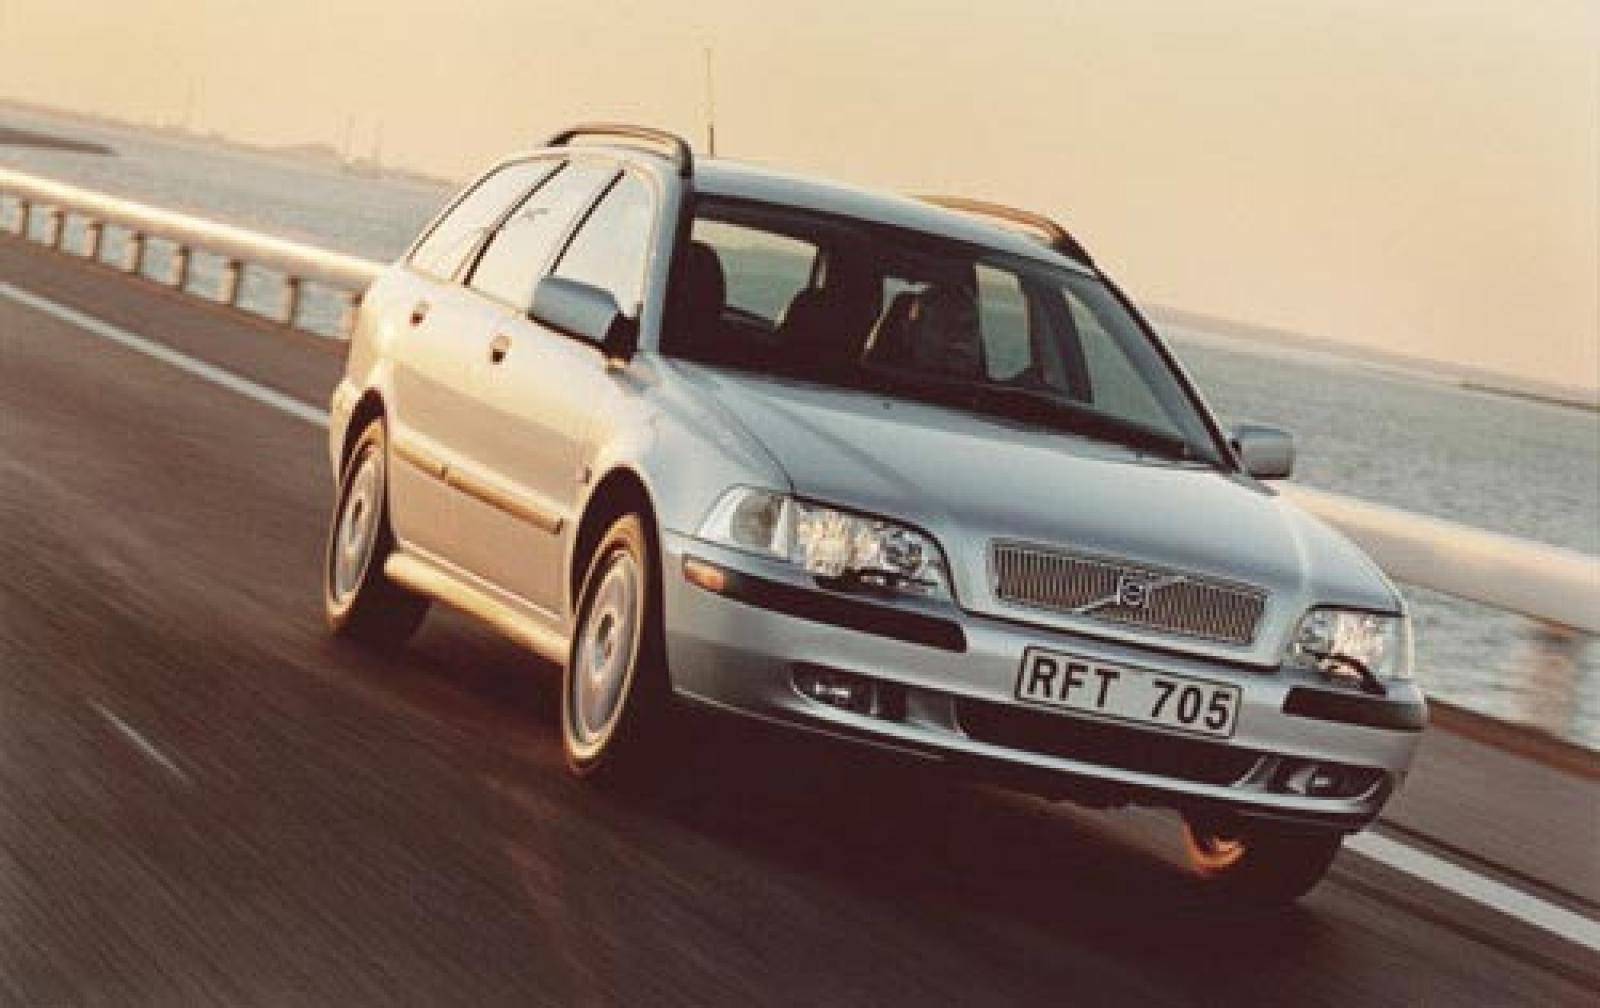 2004 Volvo V40 Information And Photos Zombiedrive 2001 V4 0 Engine 2002 4dr Wagon Interior 4 800 1024 1280 1600 Origin